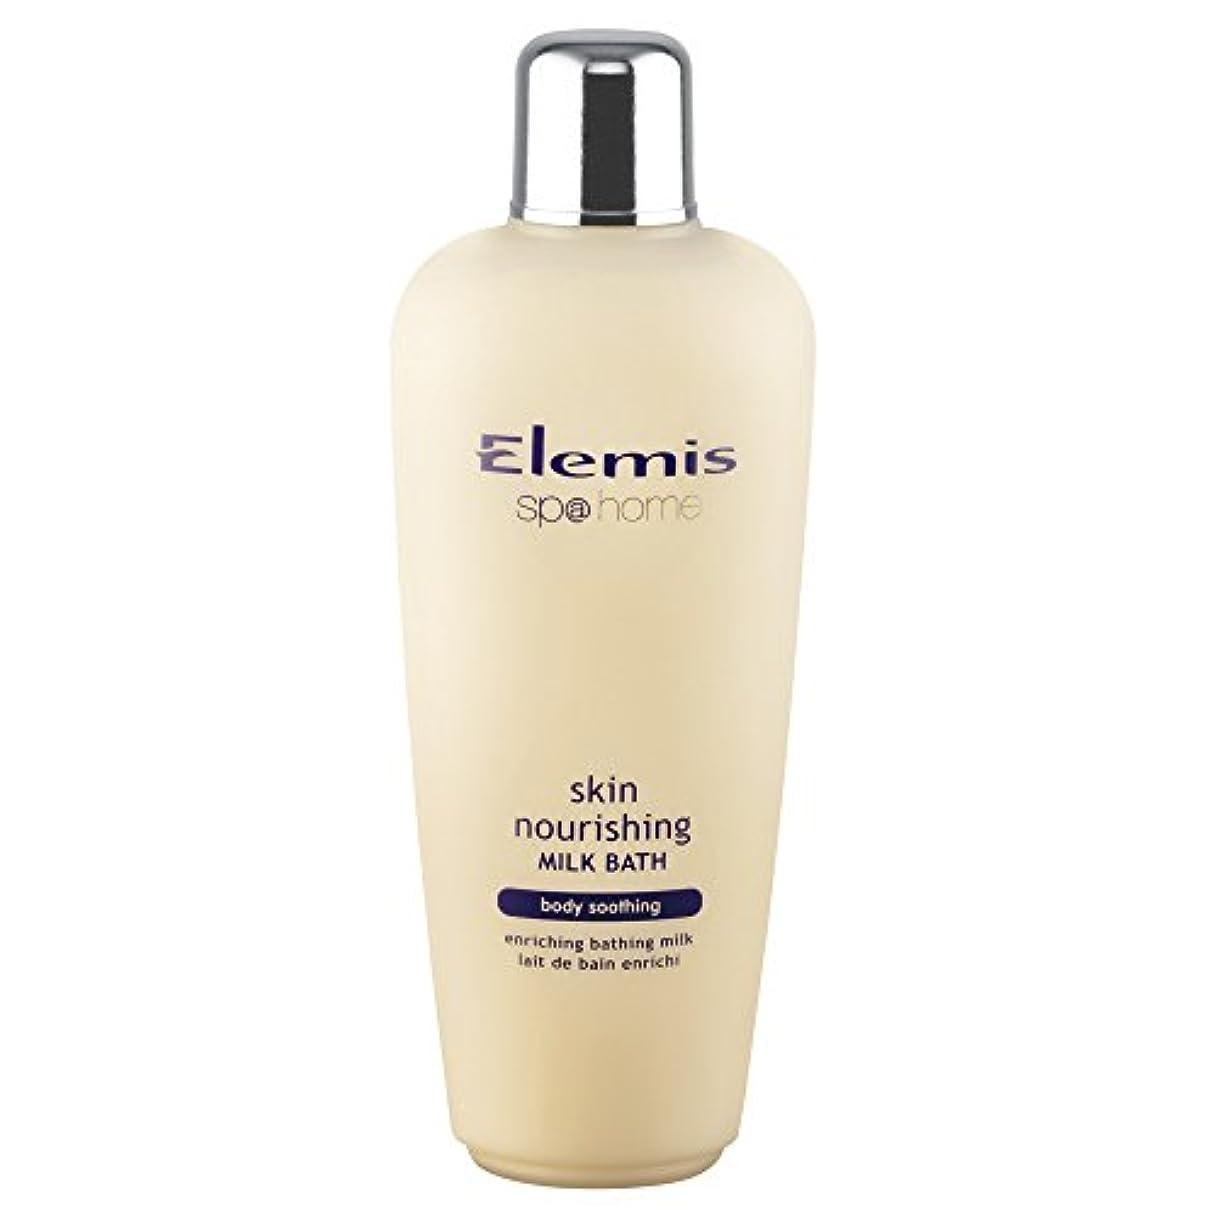 怒って学んだシマウマエレミススキン栄養ミルクバスの400ミリリットル (Elemis) (x2) - Elemis Skin Nourishing Milk Bath 400ml (Pack of 2) [並行輸入品]